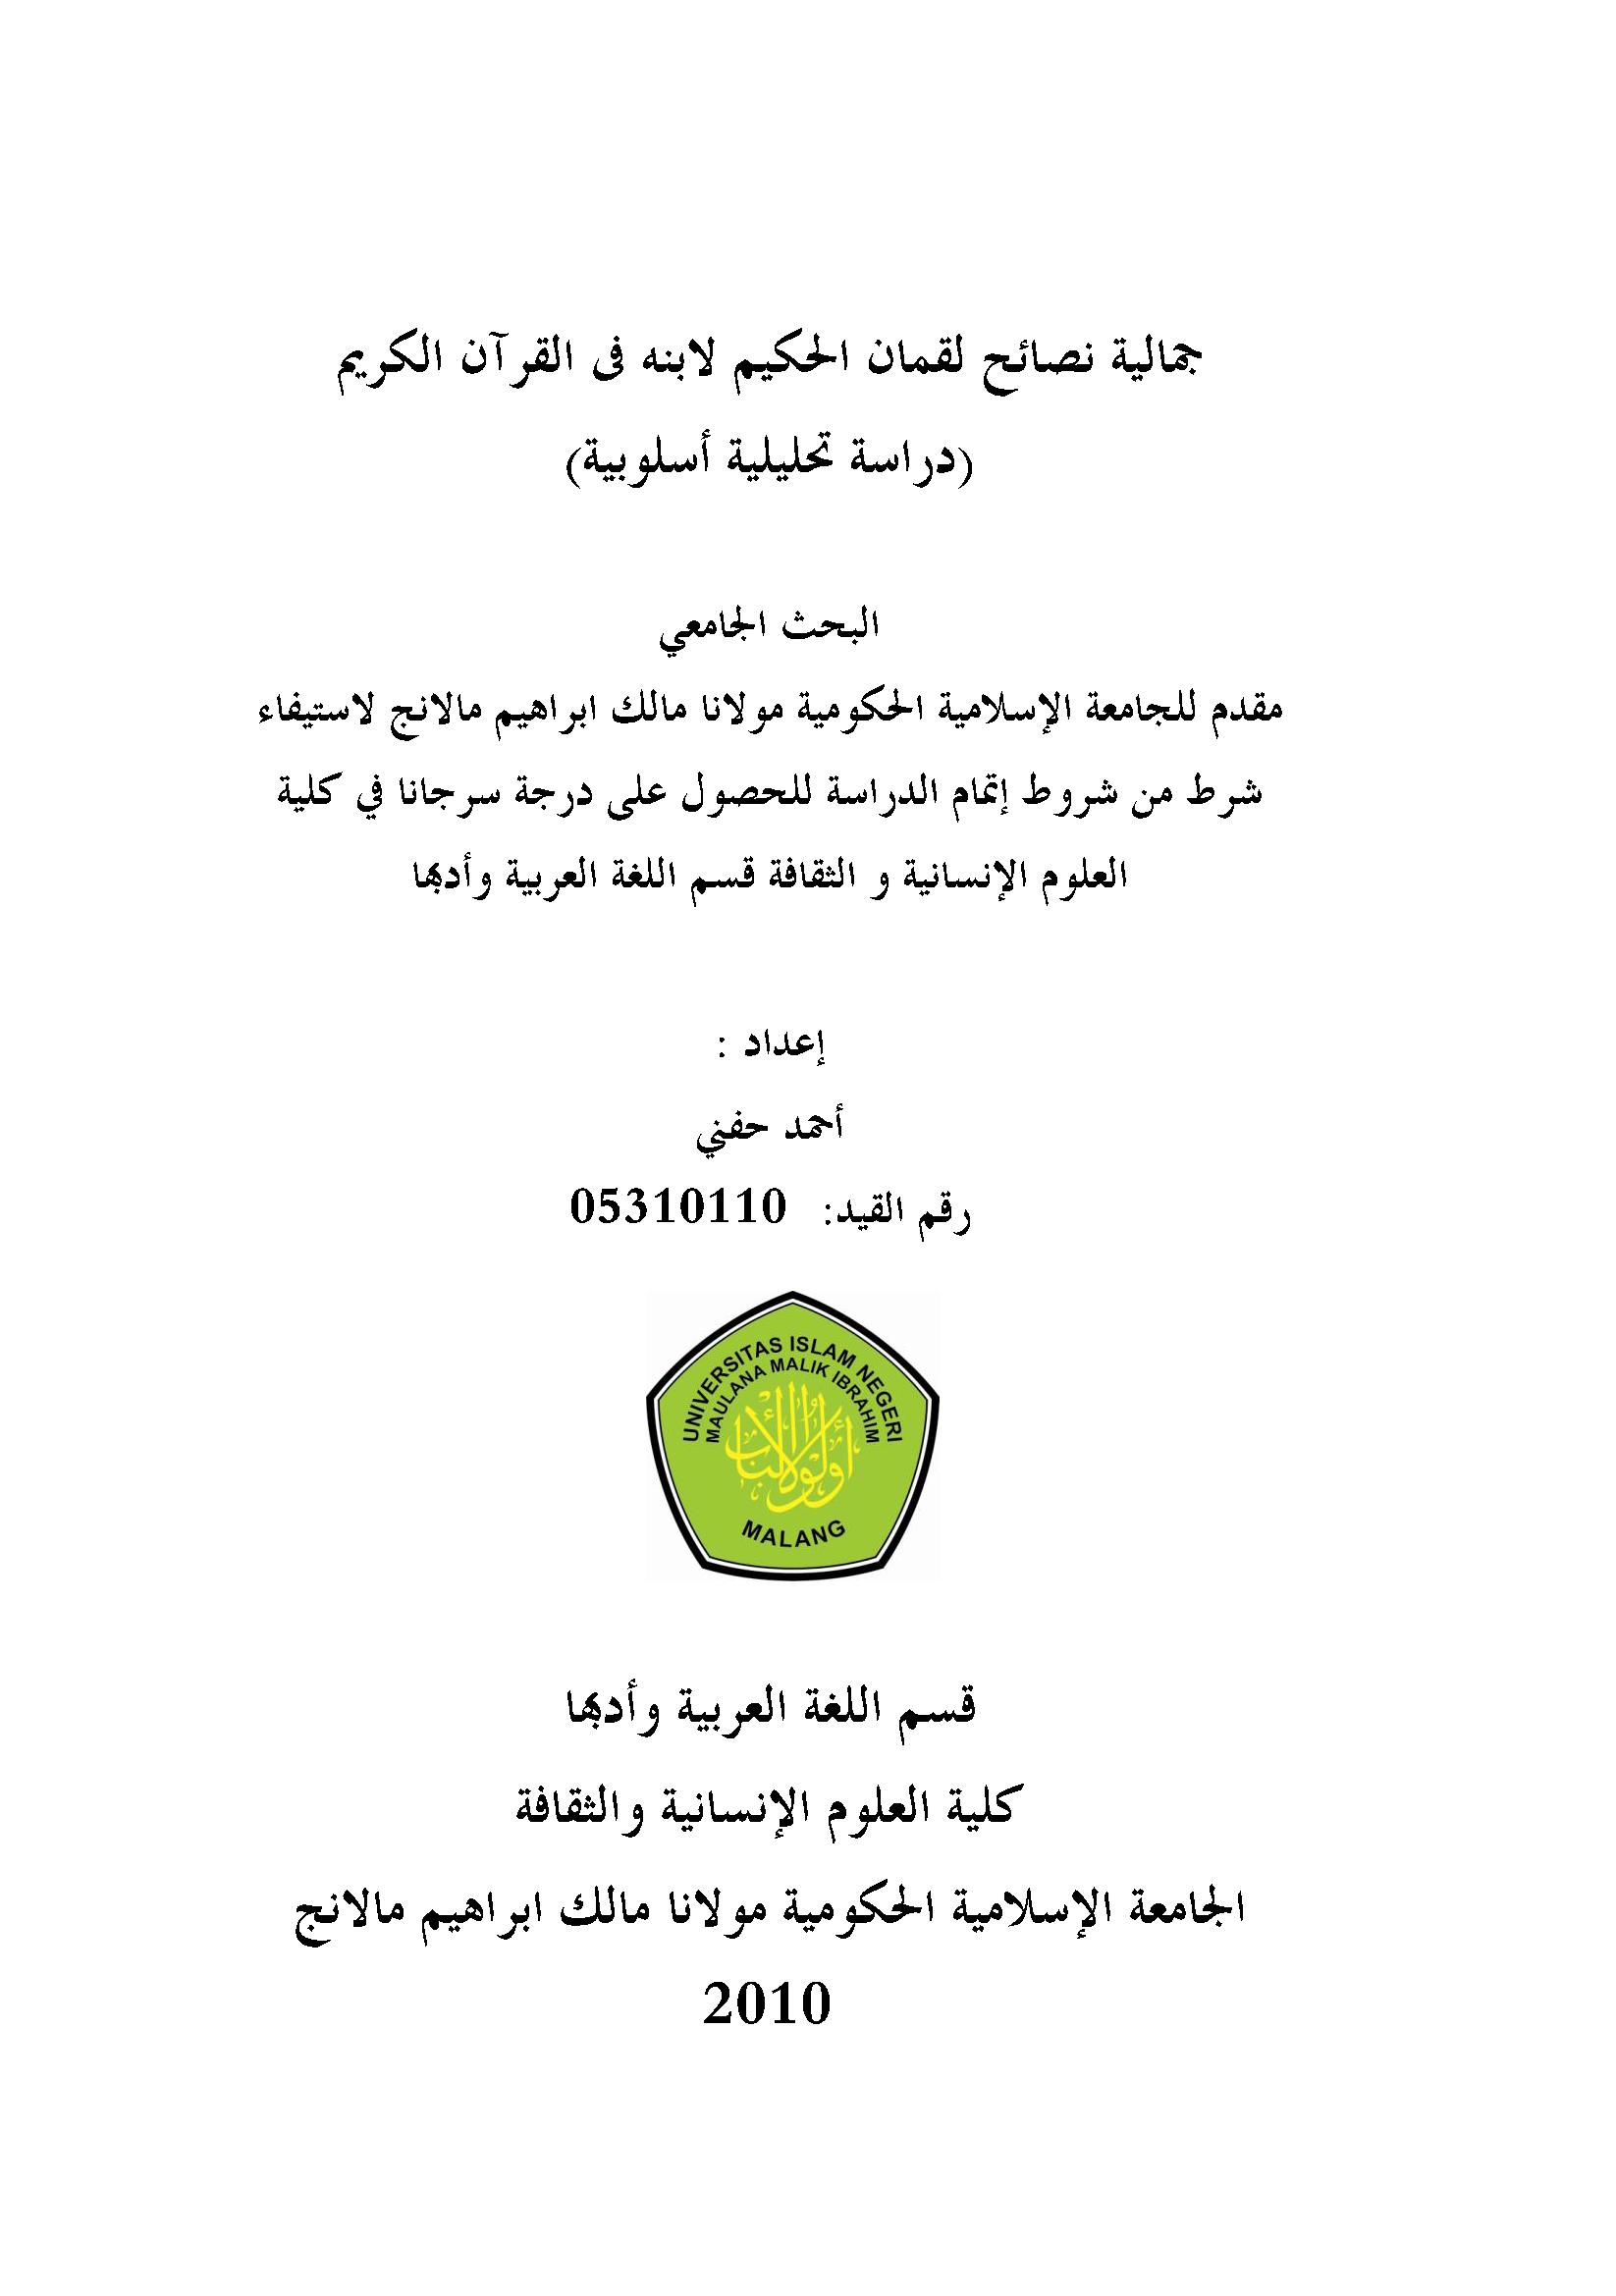 تحميل كتاب جمالية نصائح لقمان الحكيم لابنه في القرآن الكريم (دراسة تحليلية أسلوبية) لـِ: أحمد حفني